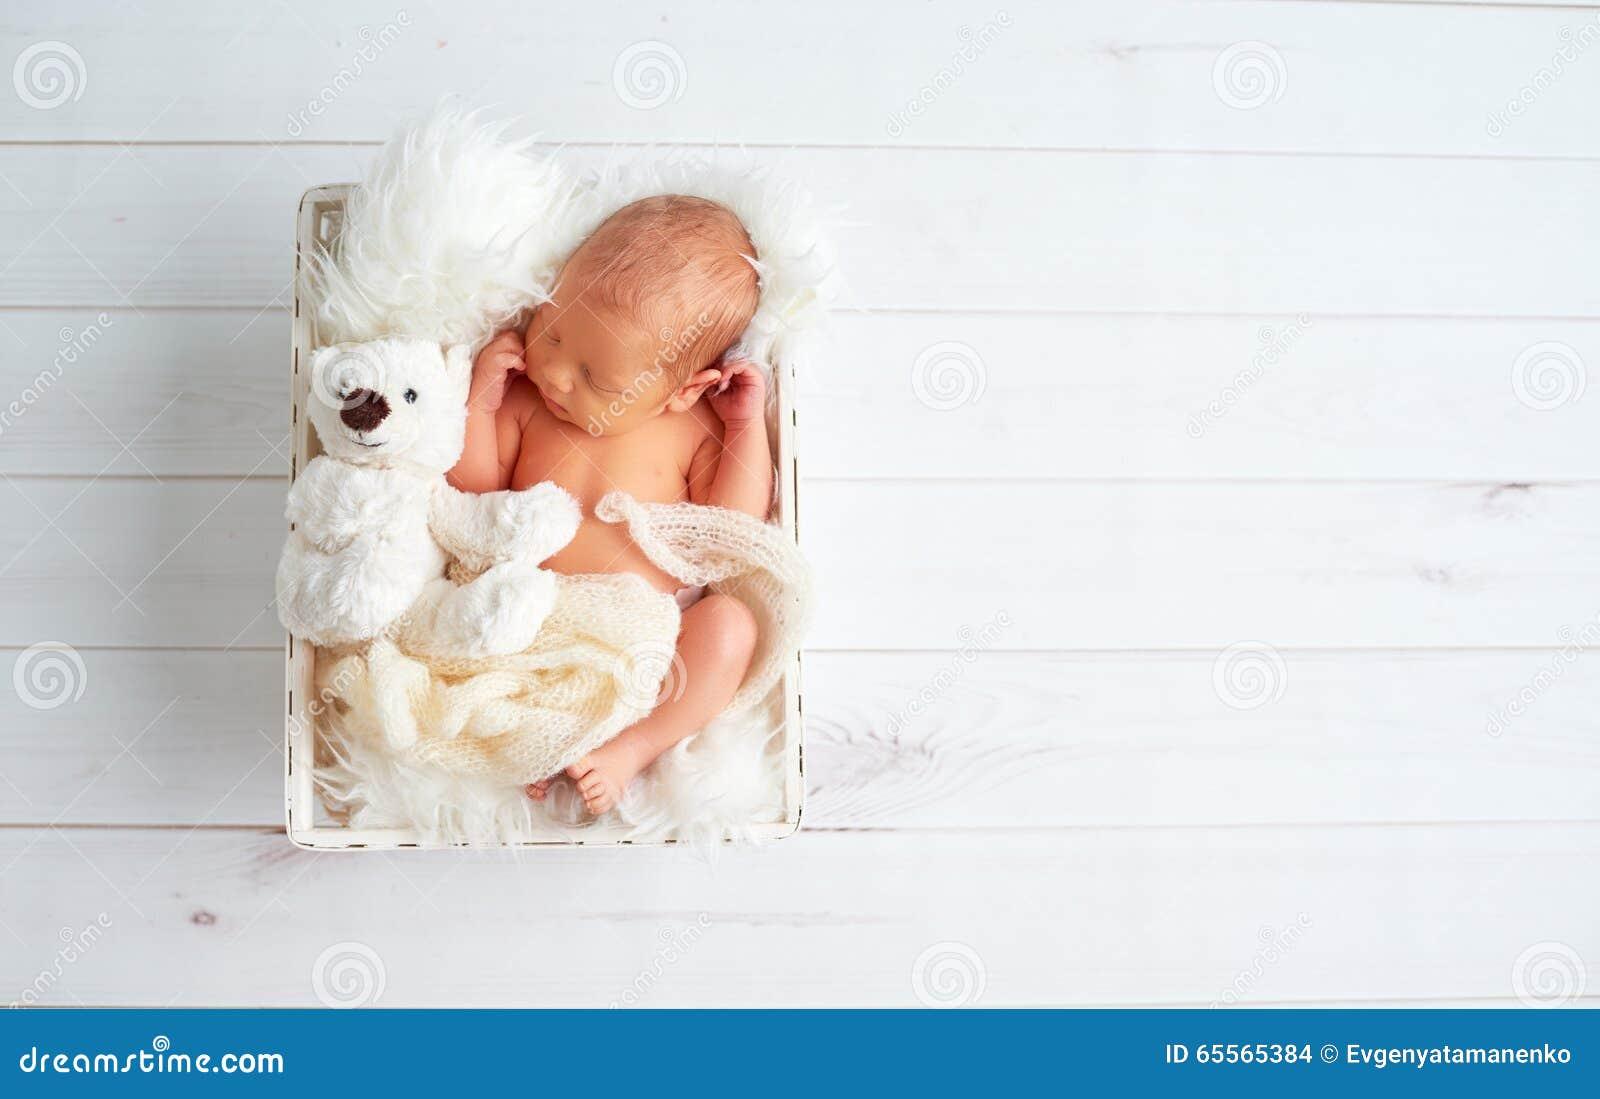 Cute newborn baby sleeps with toy teddy bear in basket